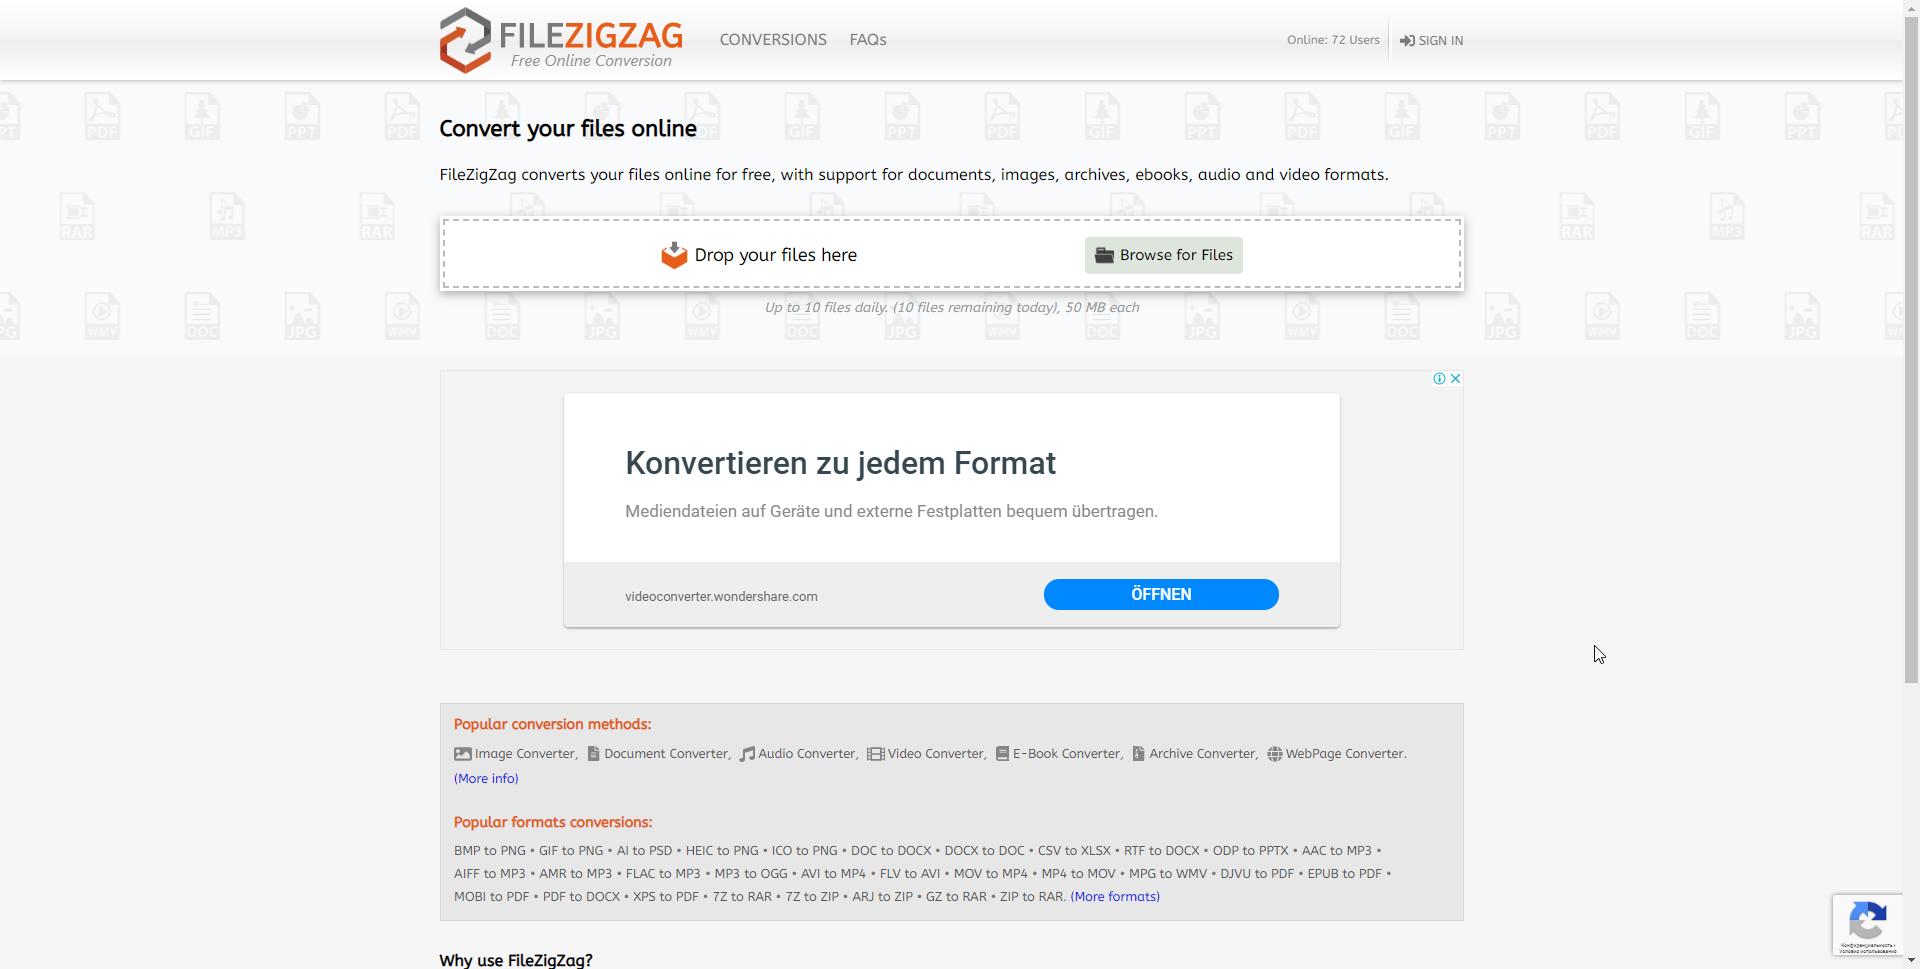 FileZigZag